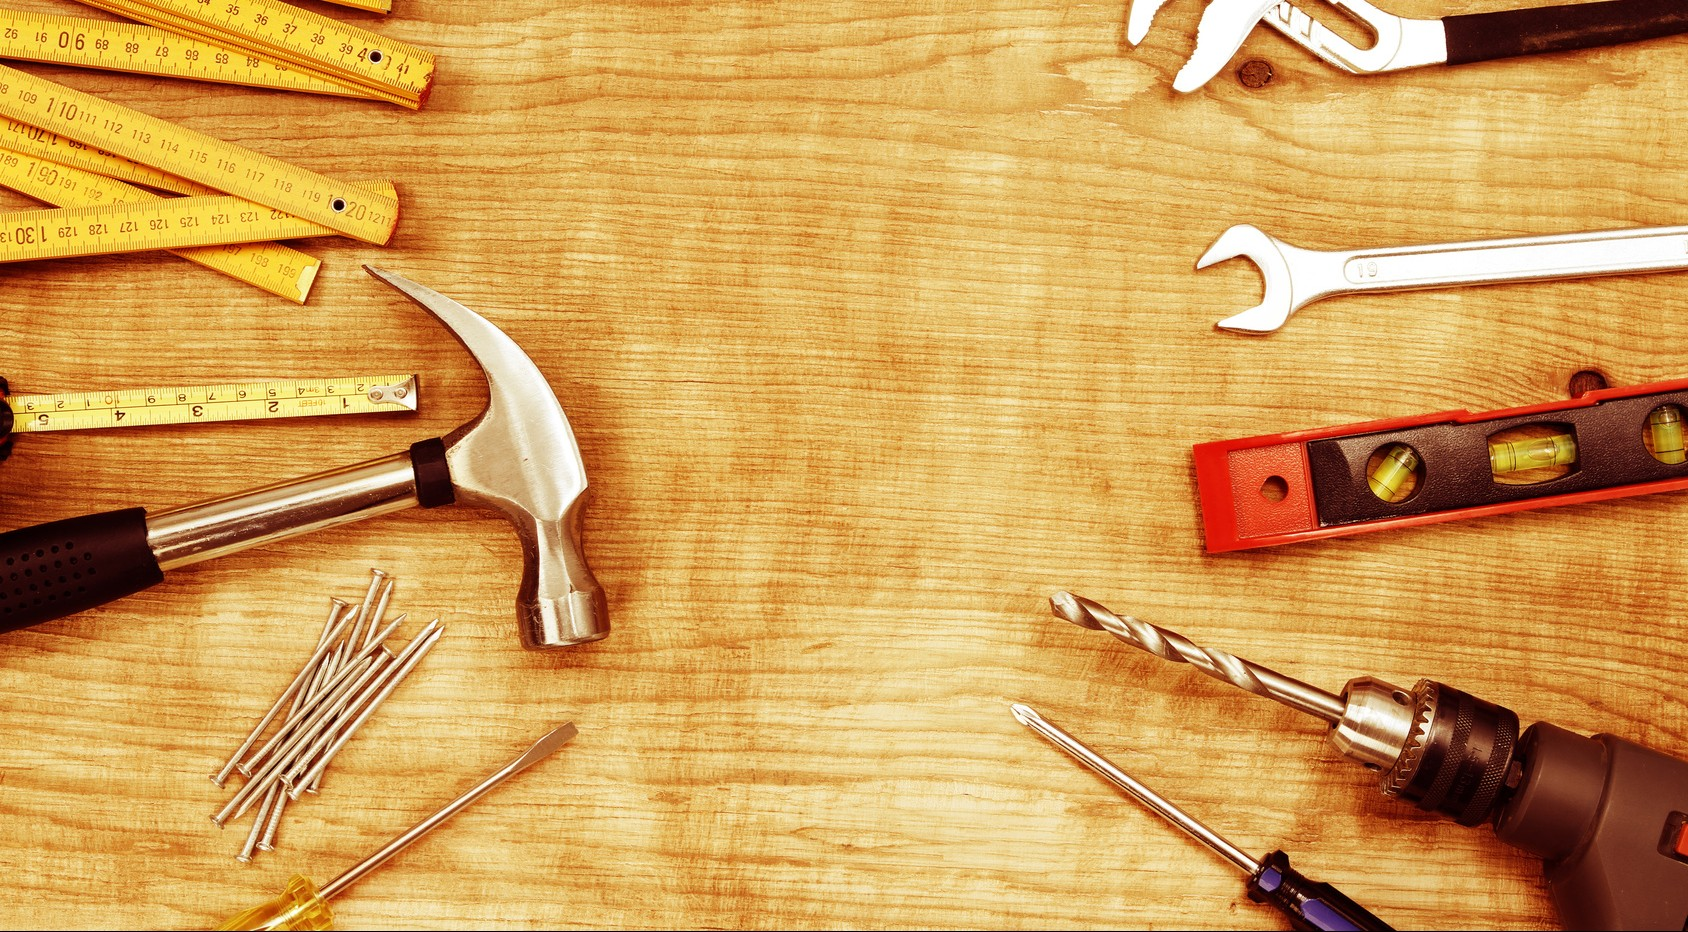 Perché e come dovresti scegliere attrezzi di qualità per il tuo lavoro